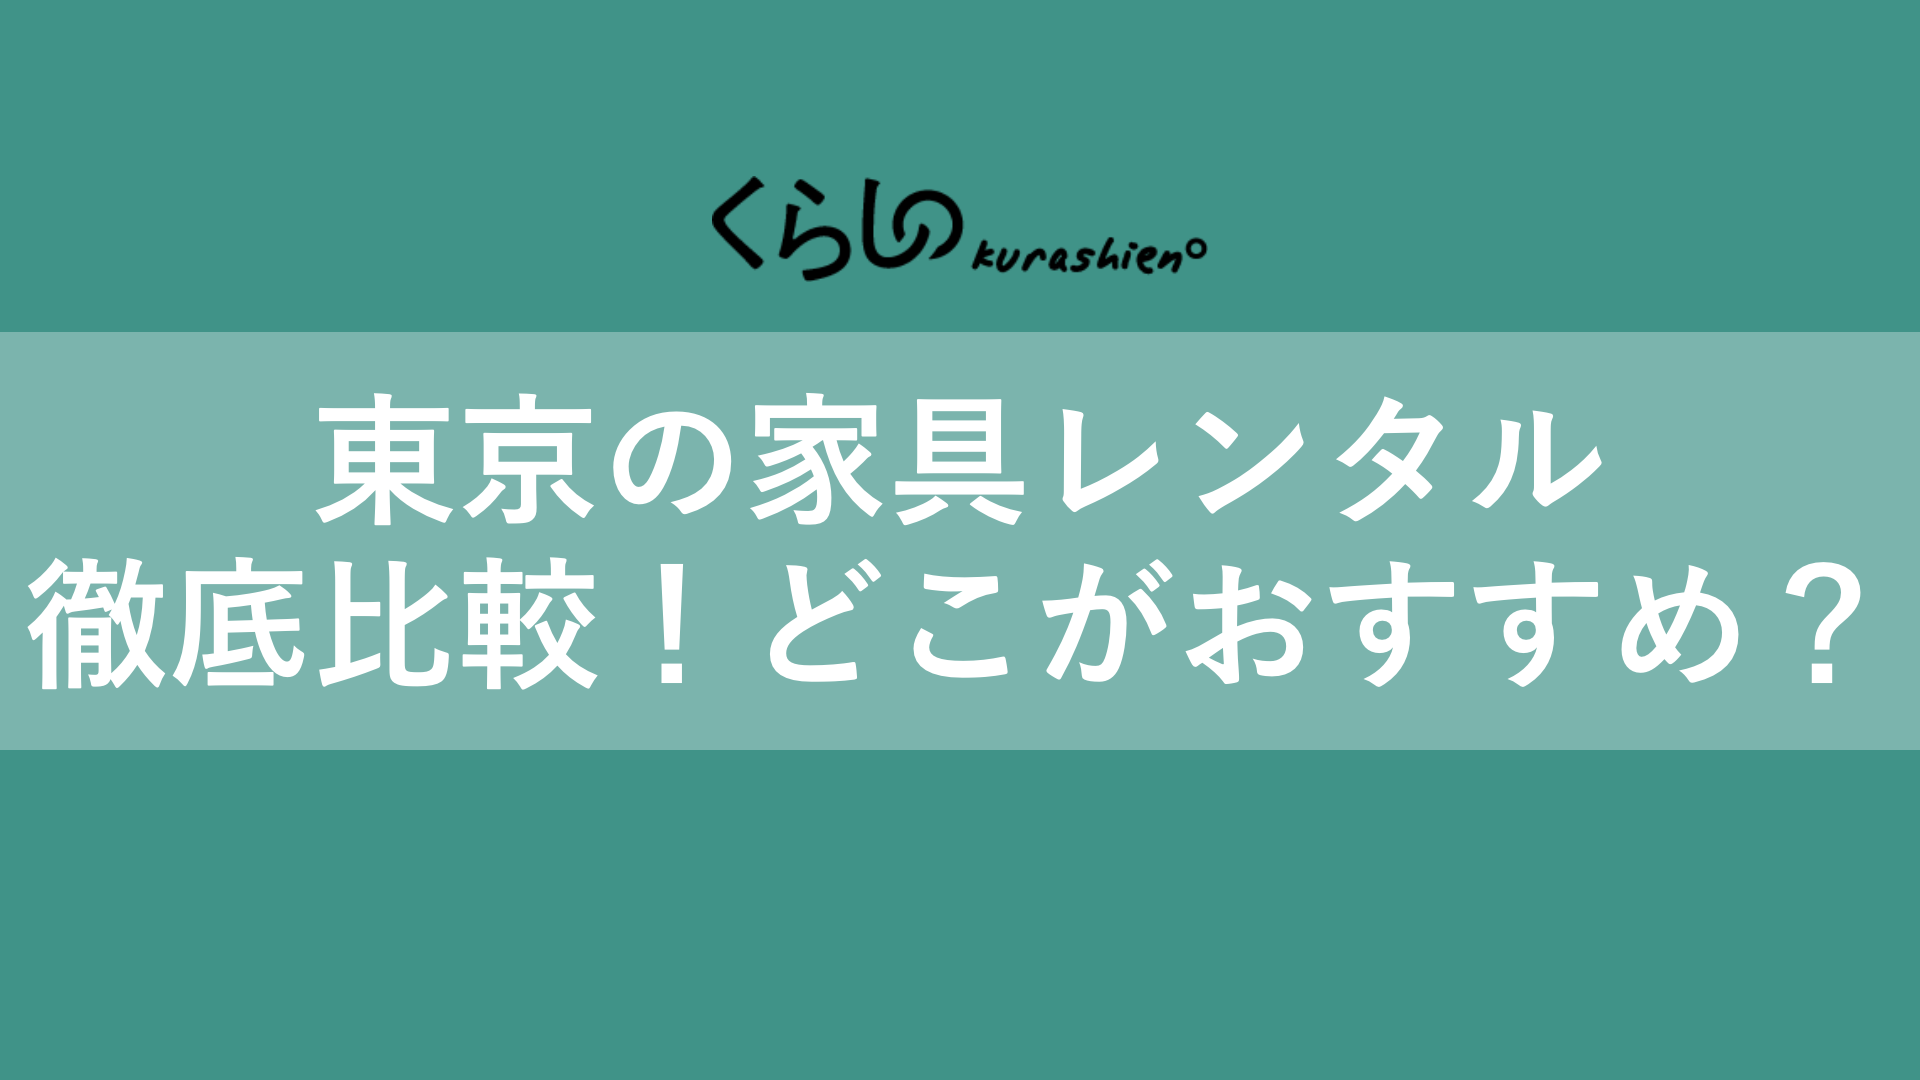 東京都の家具レンタル徹底比較!どこがおすすめ?評判や口コミも